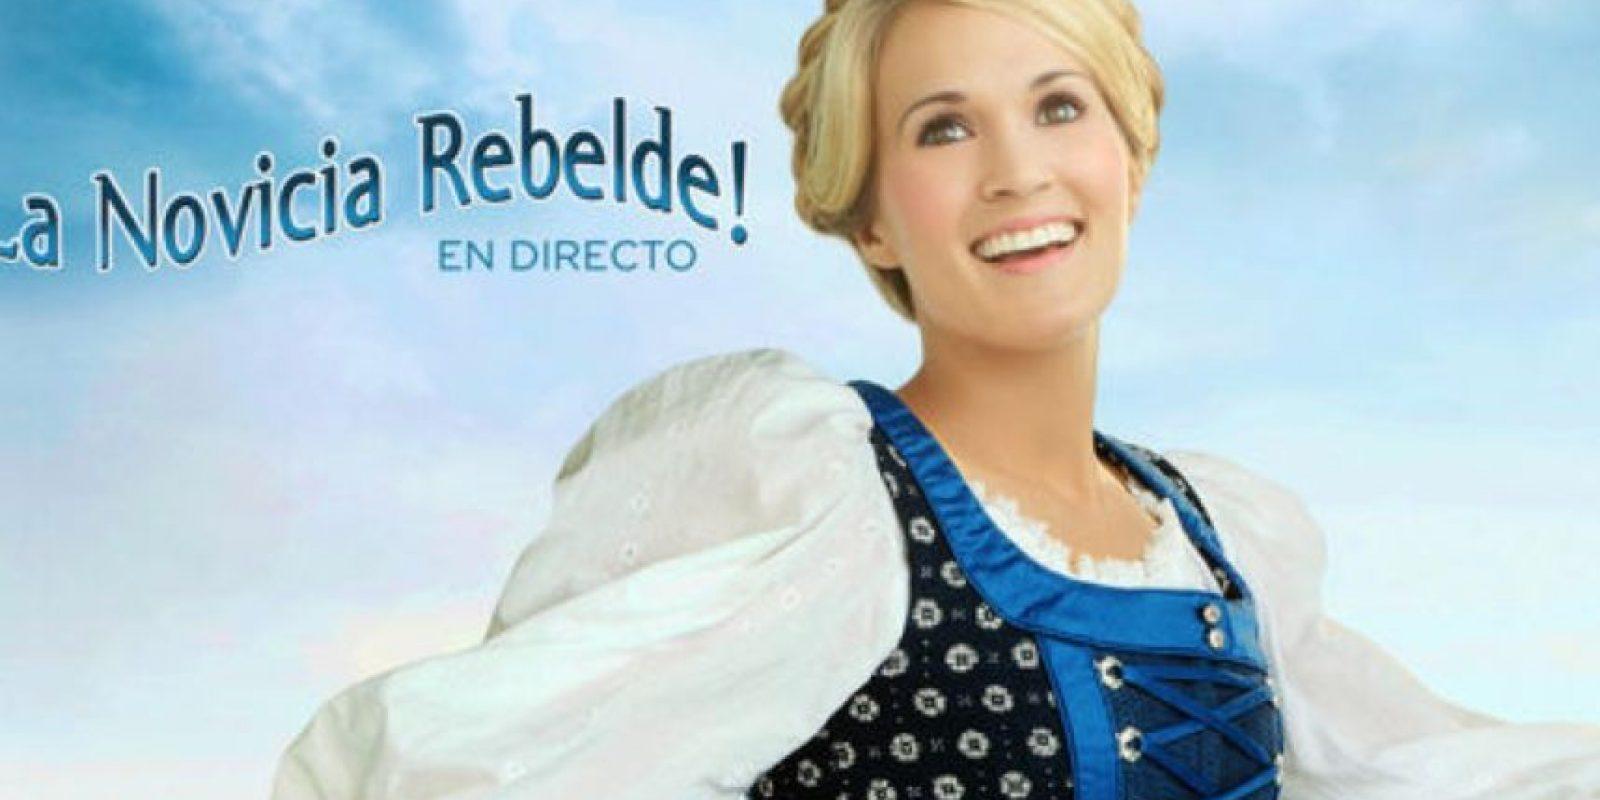 """""""¡La novicia rebelde! En directo"""" – Disponible a partir del 15 de julio. Foto:NBC Studios"""